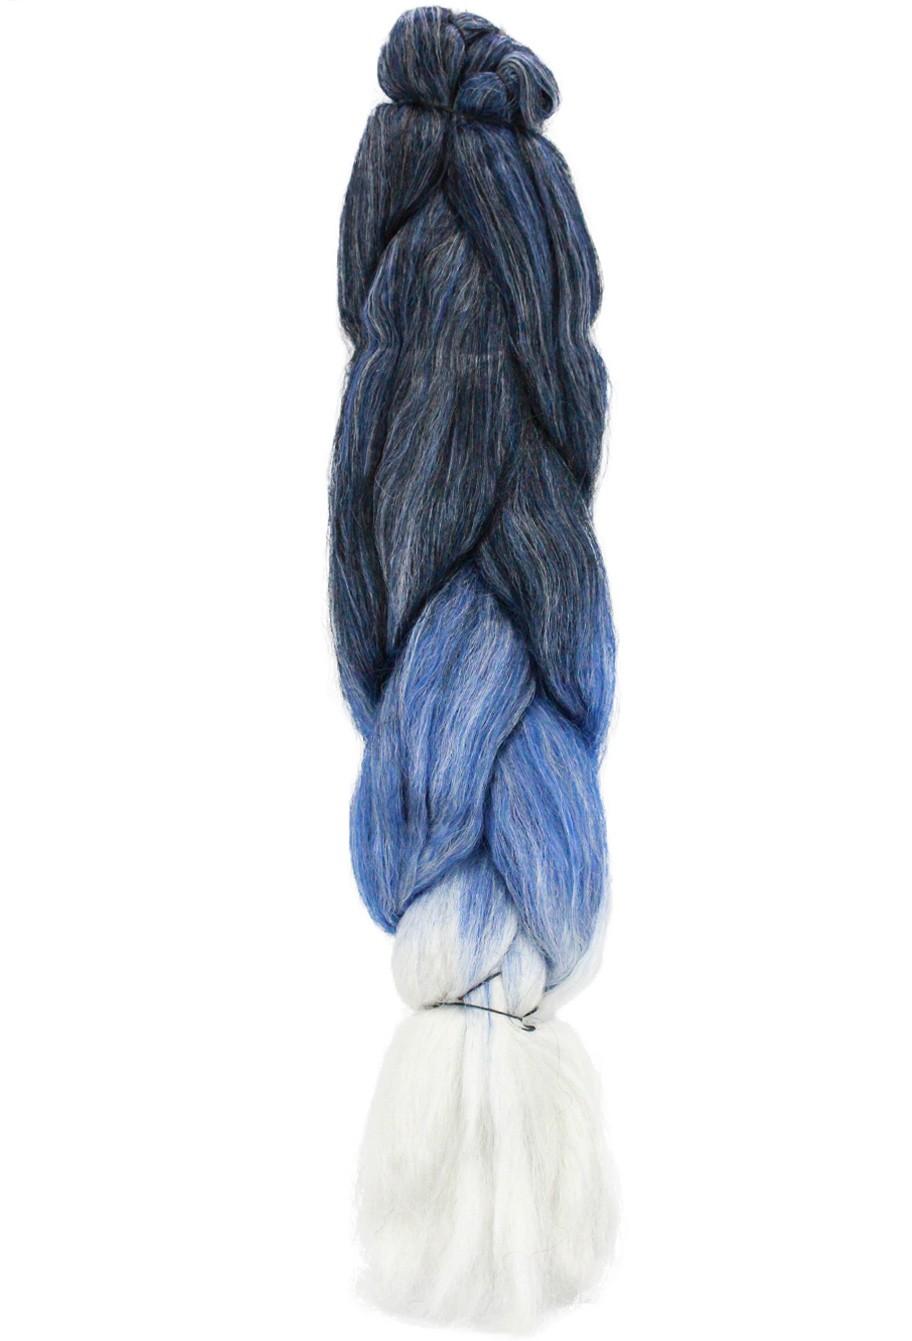 Cabelo Sintético - Ser Mulher - Jumbo (399g) - Cor: Preto com Azul Escuro e Branco (T1B/D.Blue/White)